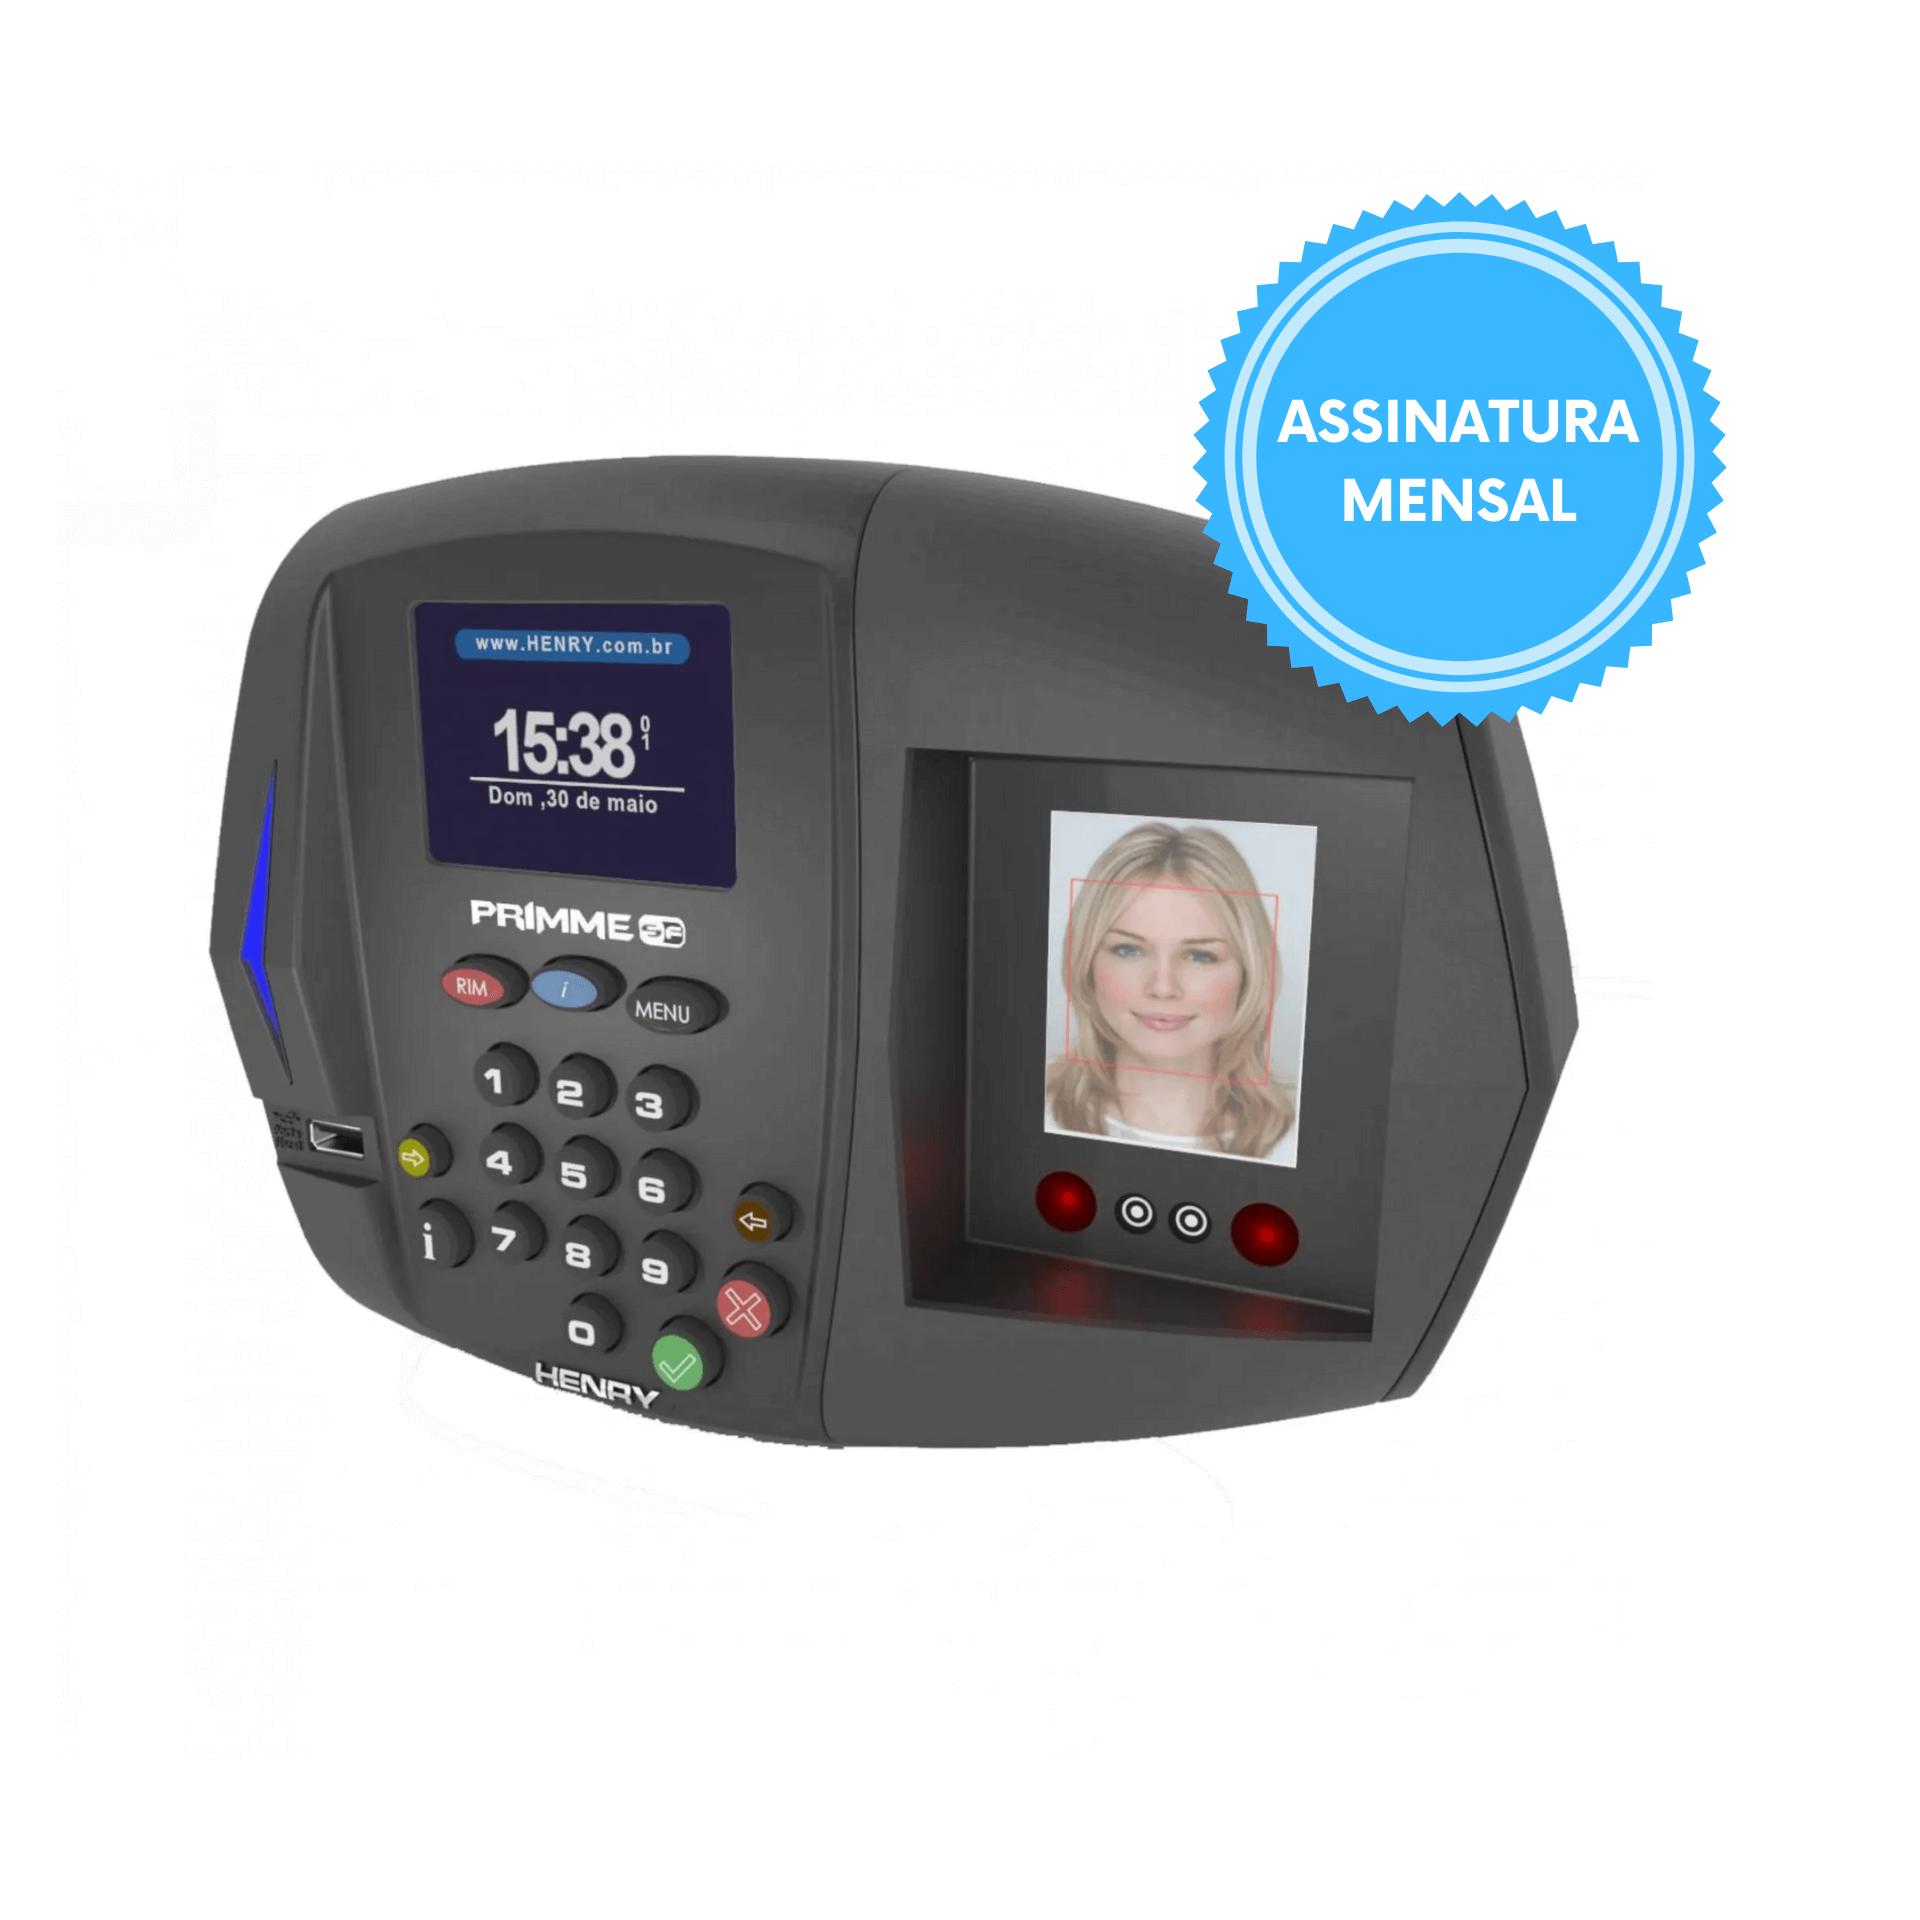 Relógio de Ponto Primme SF com Biometria Facial Portaria 373